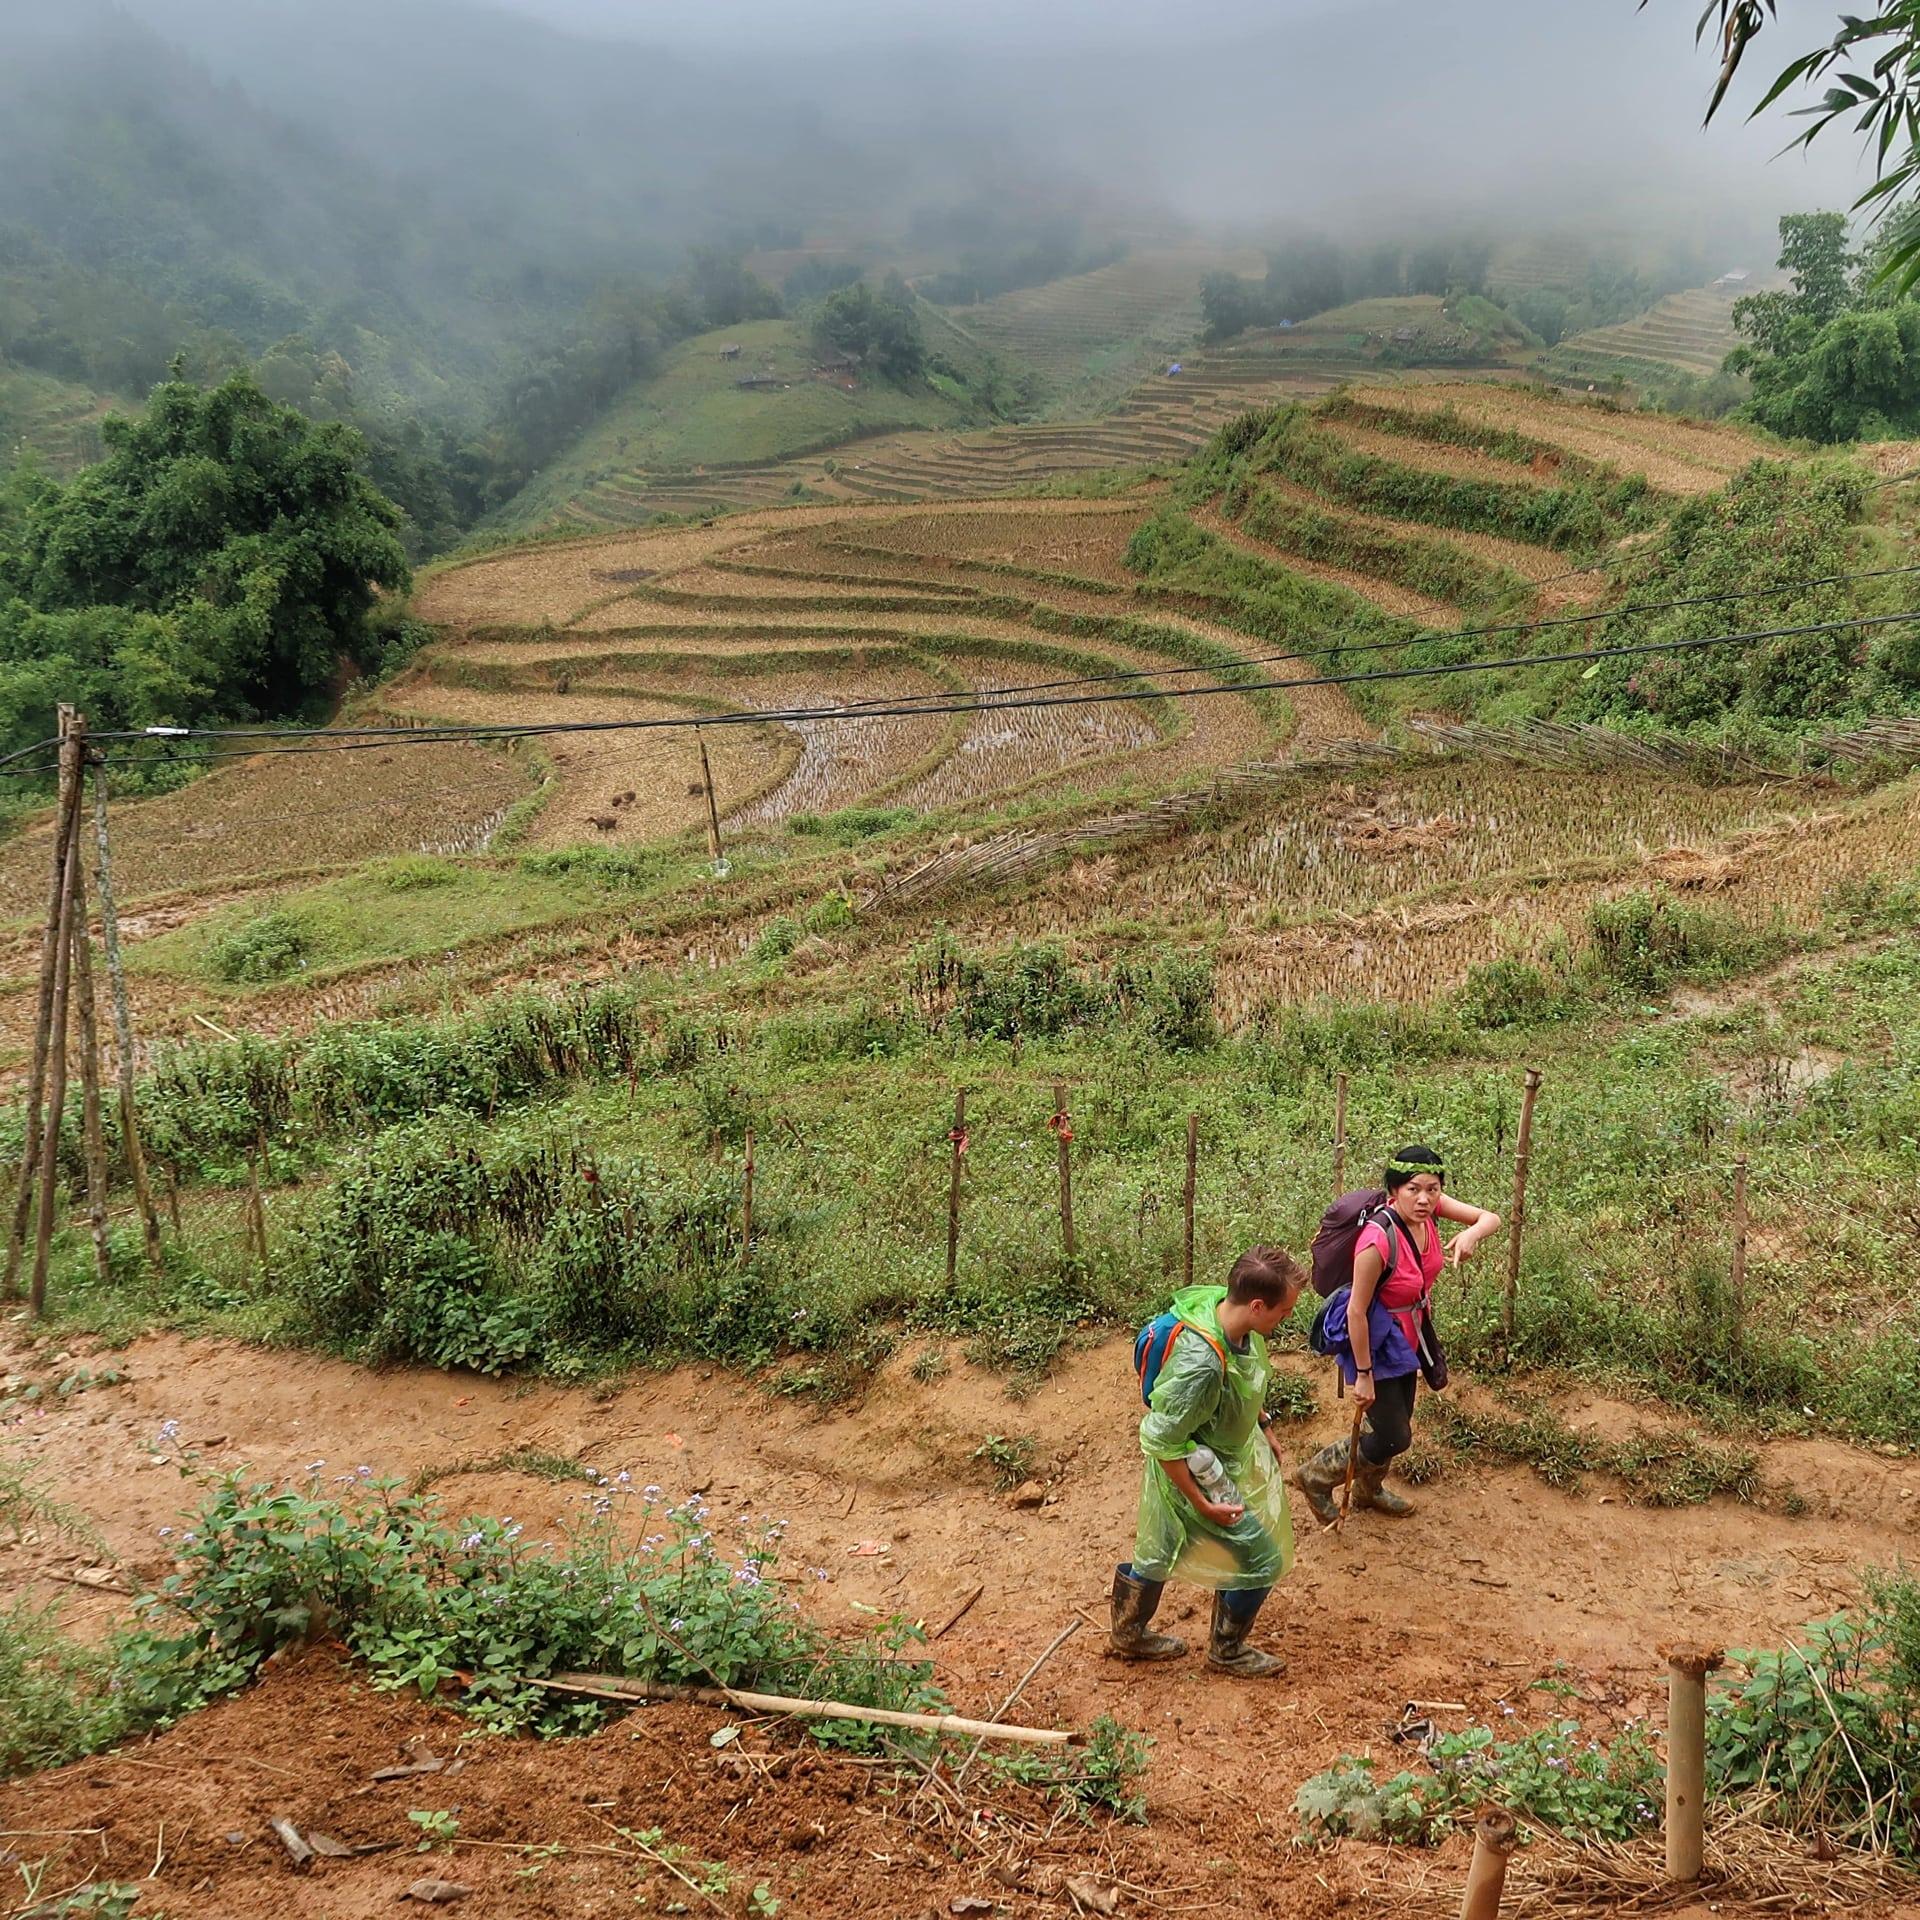 Udsigt over rismarkerne i Sapa